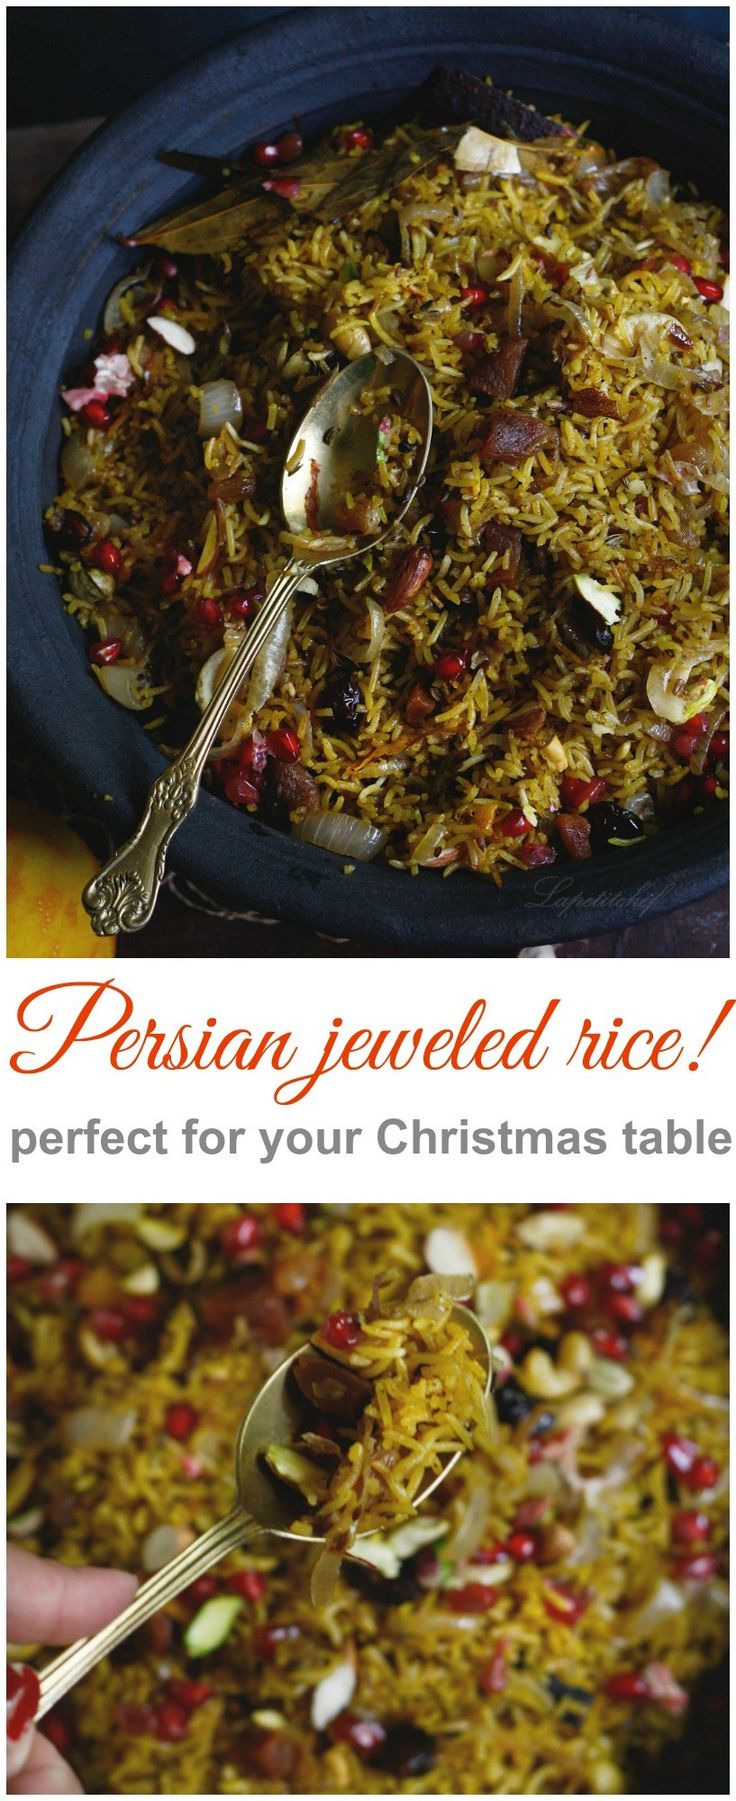 Organic Persian jeweled rice